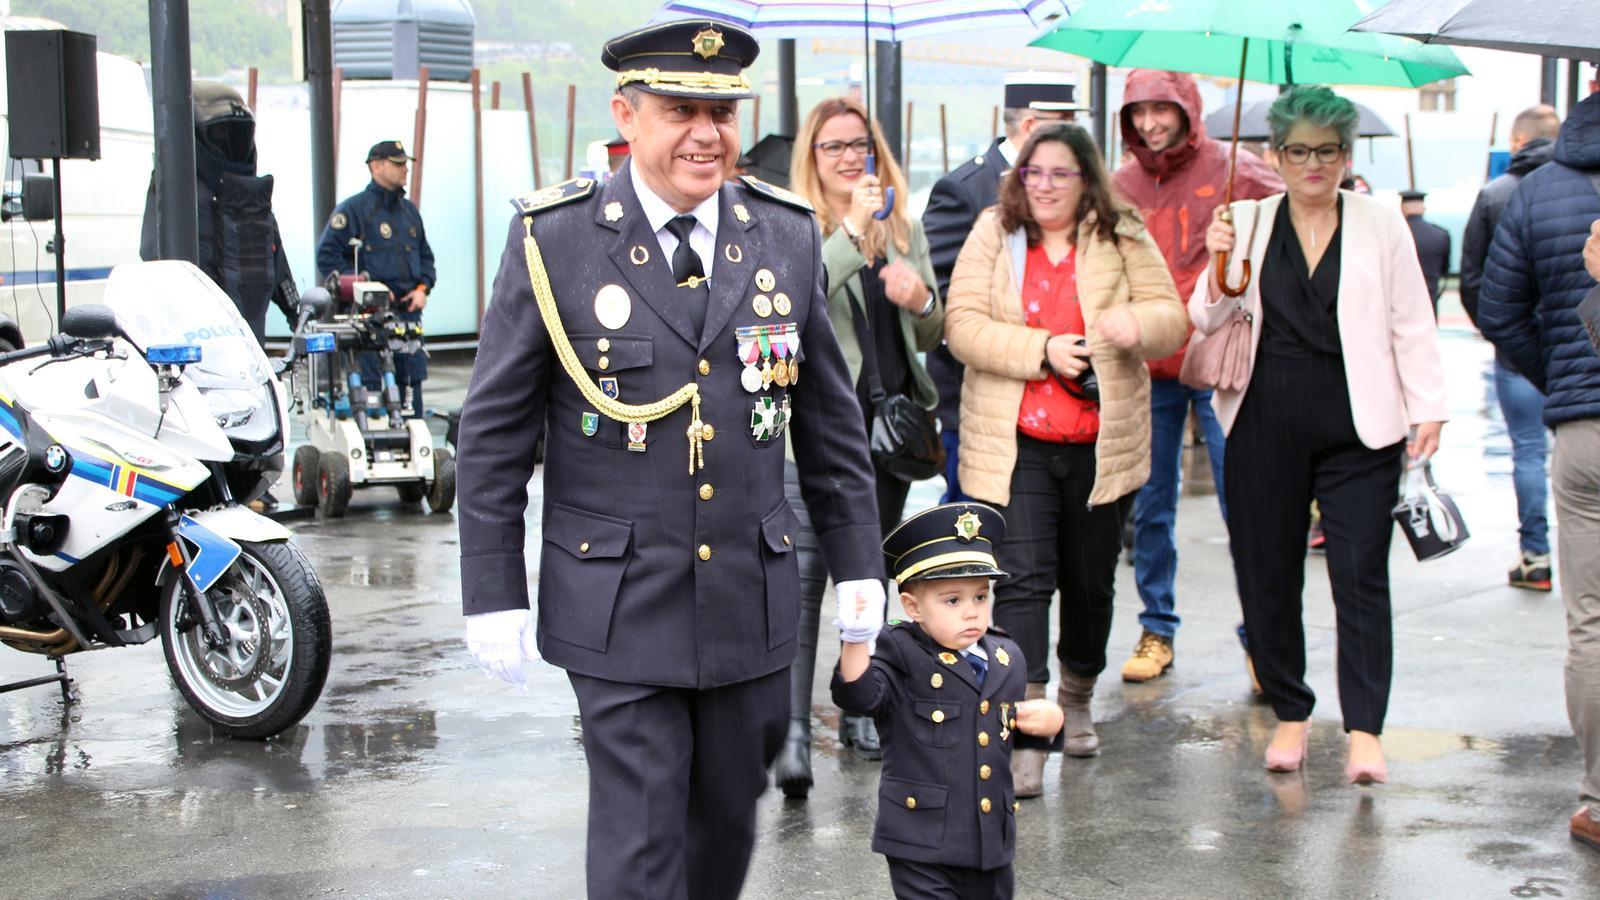 El director de la Policia, Jordi Moreno, amb un infant durant la festivitat de la Patrona del cos de Policia. / C. G. (ANA)